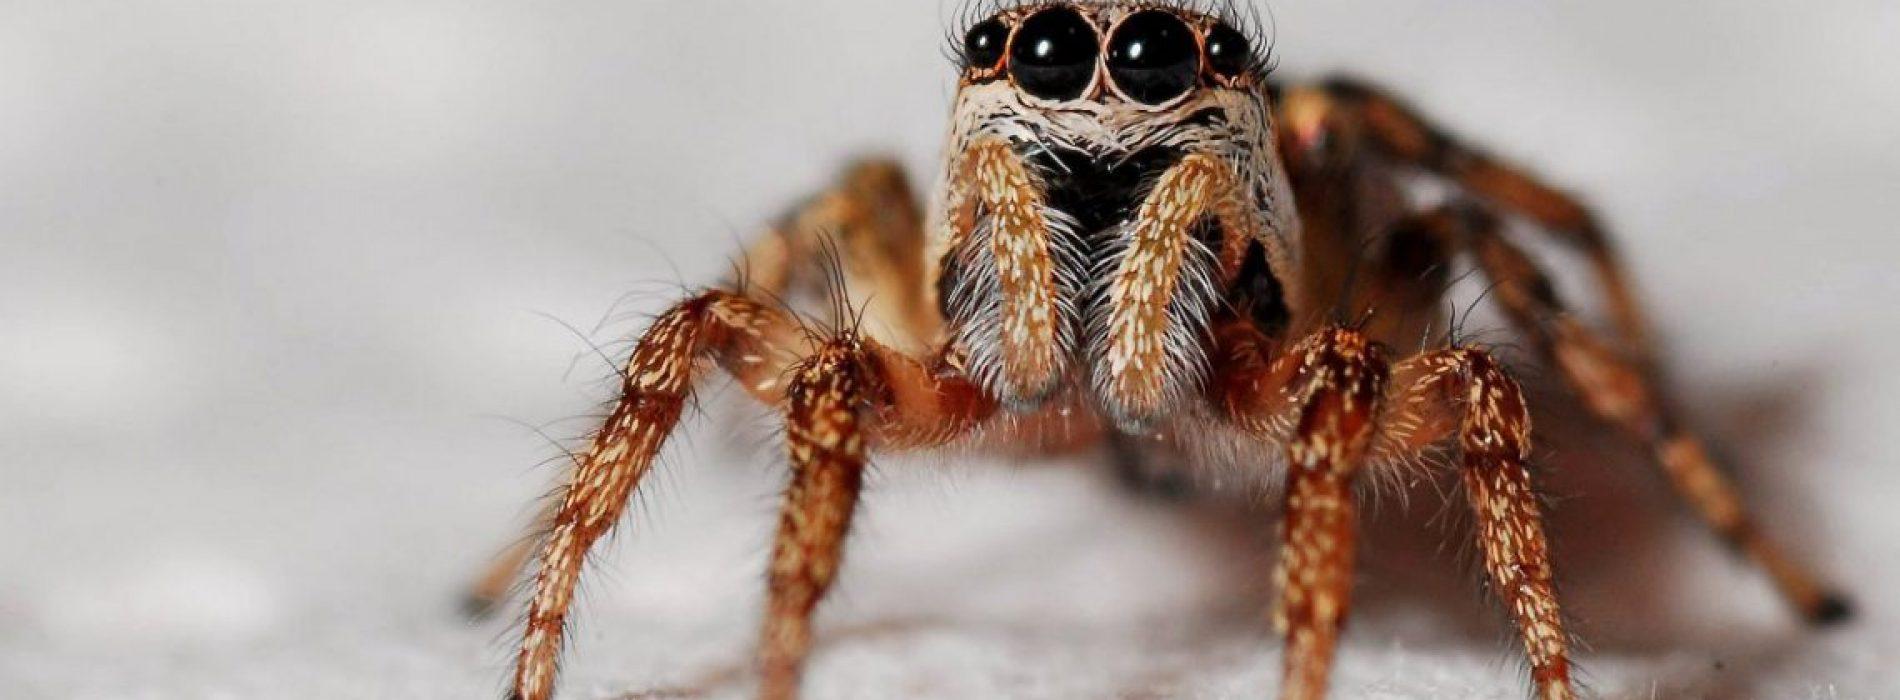 Waarom je de spinnen in je huis niet zou moeten doden volgens een entomoloog